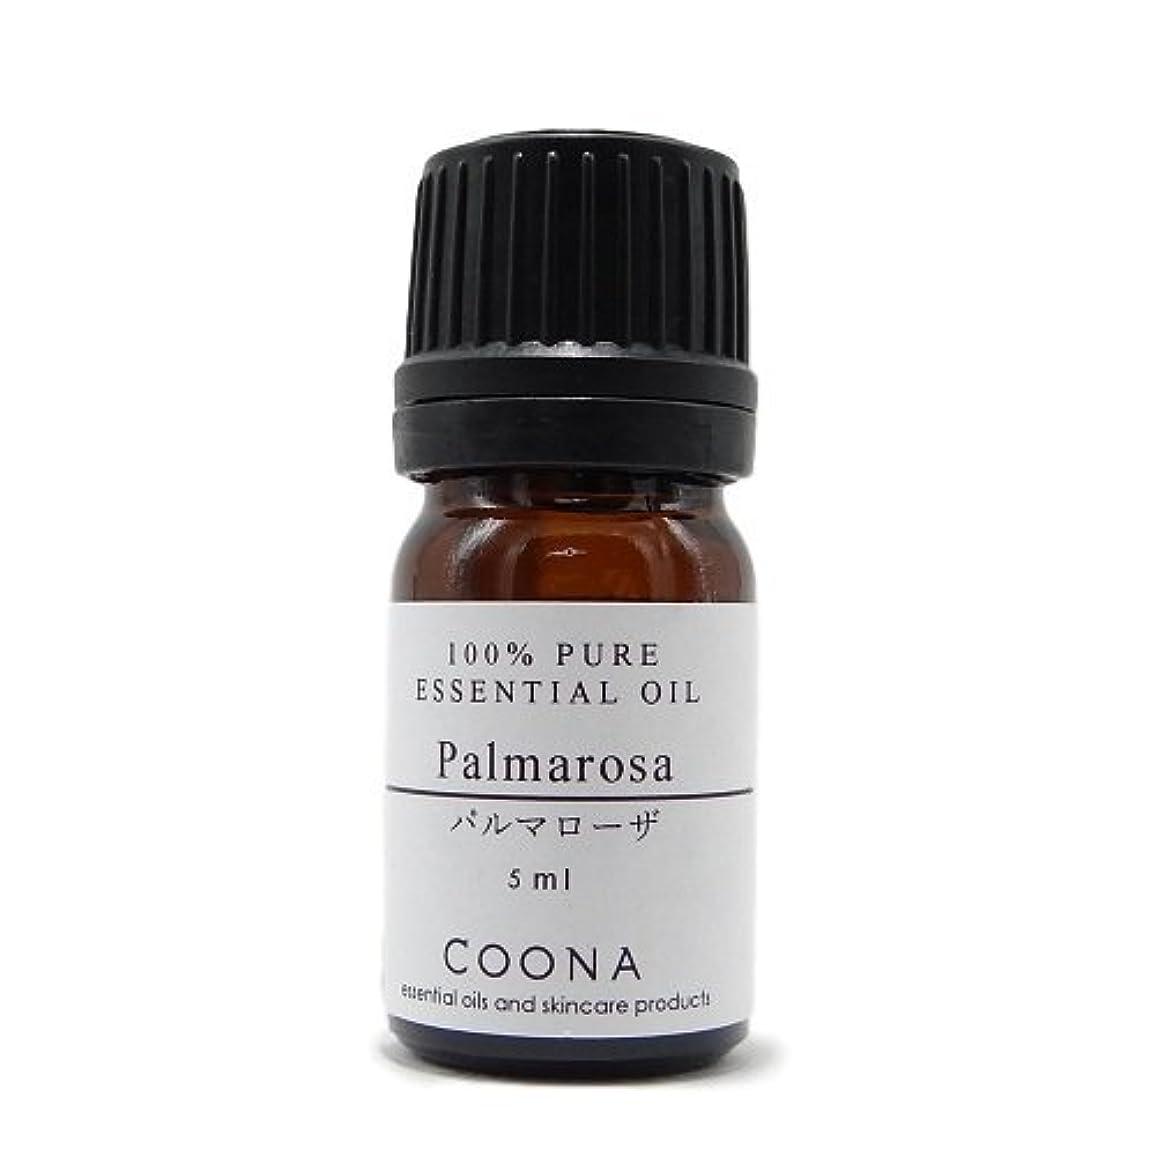 満足太字収穫パルマローザ 5 ml (COONA エッセンシャルオイル アロマオイル 100%天然植物精油)